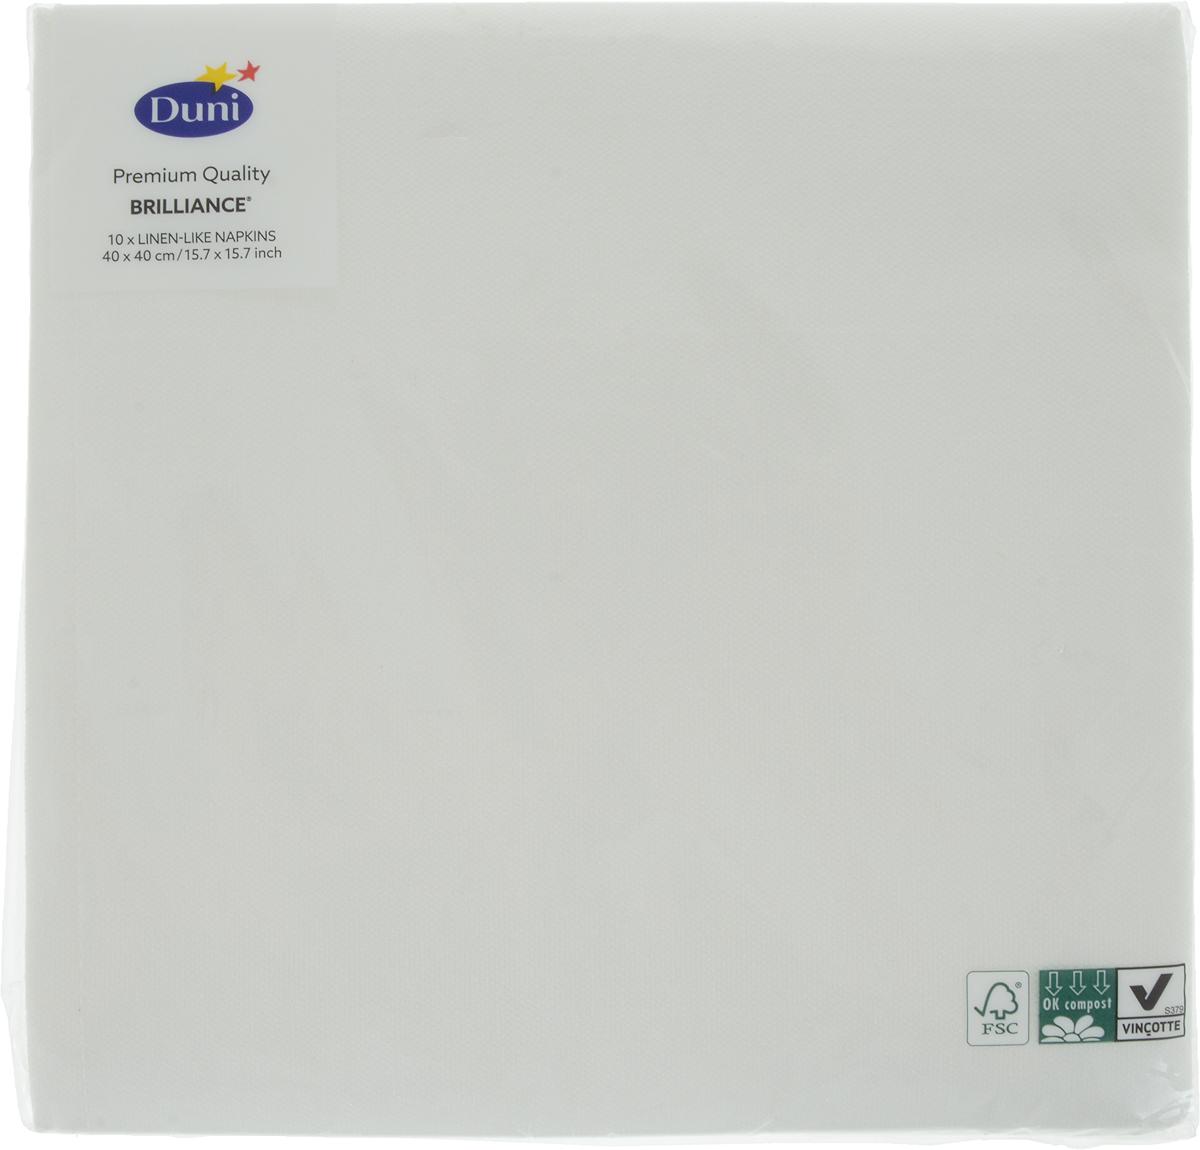 Салфетки бумажные Duni Lin. Brilliance, цвет: белый, 40 x 40 см салфетки duni салфетки 2 шт